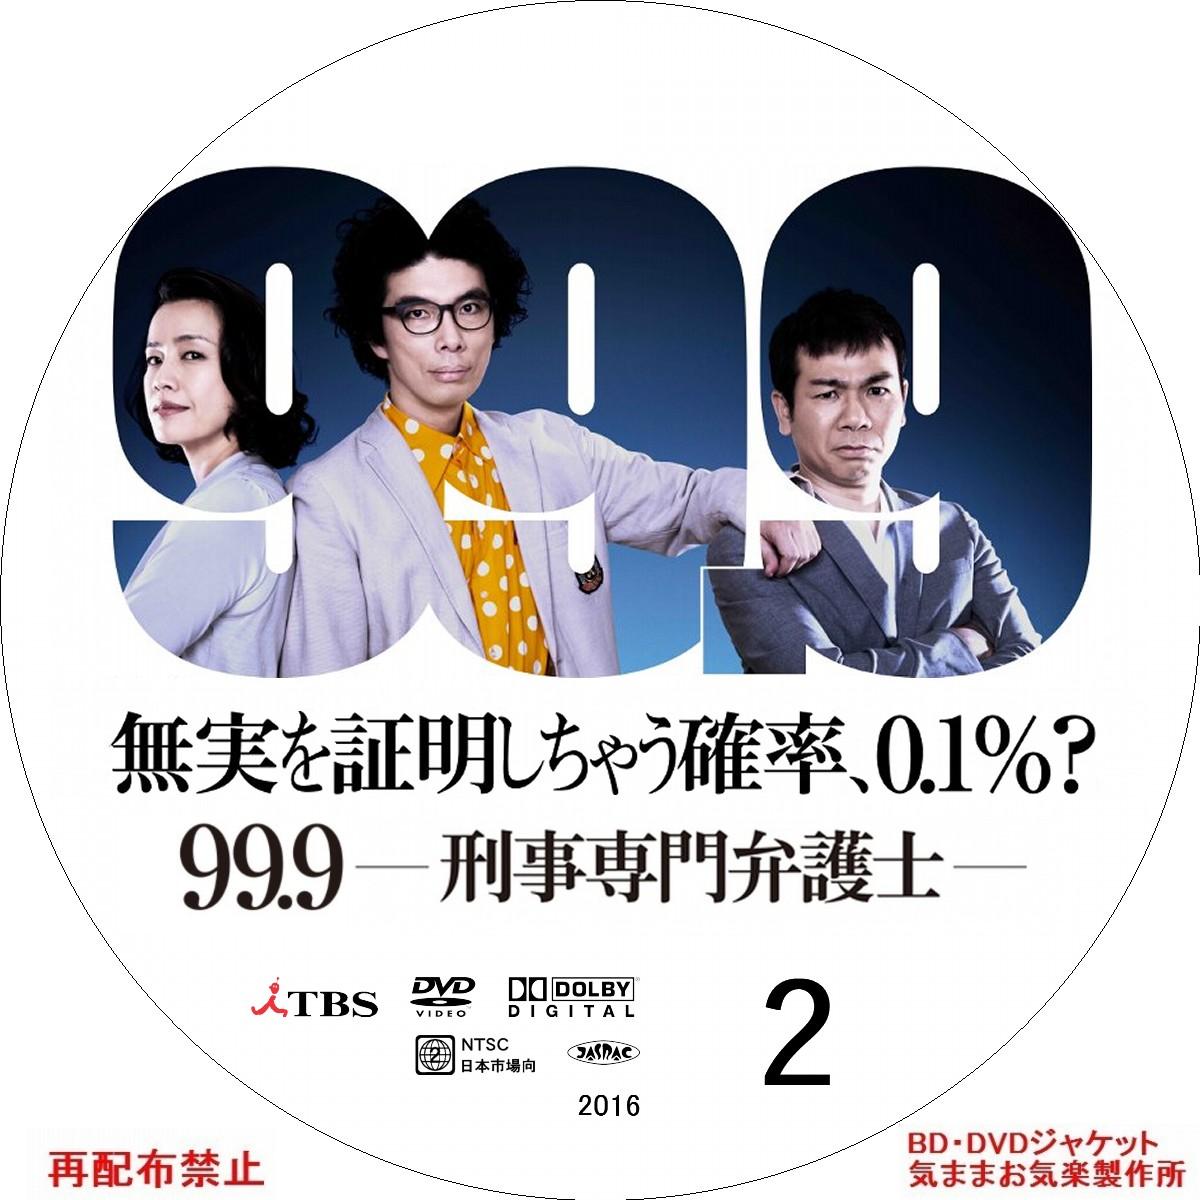 999_DVD02b.jpg